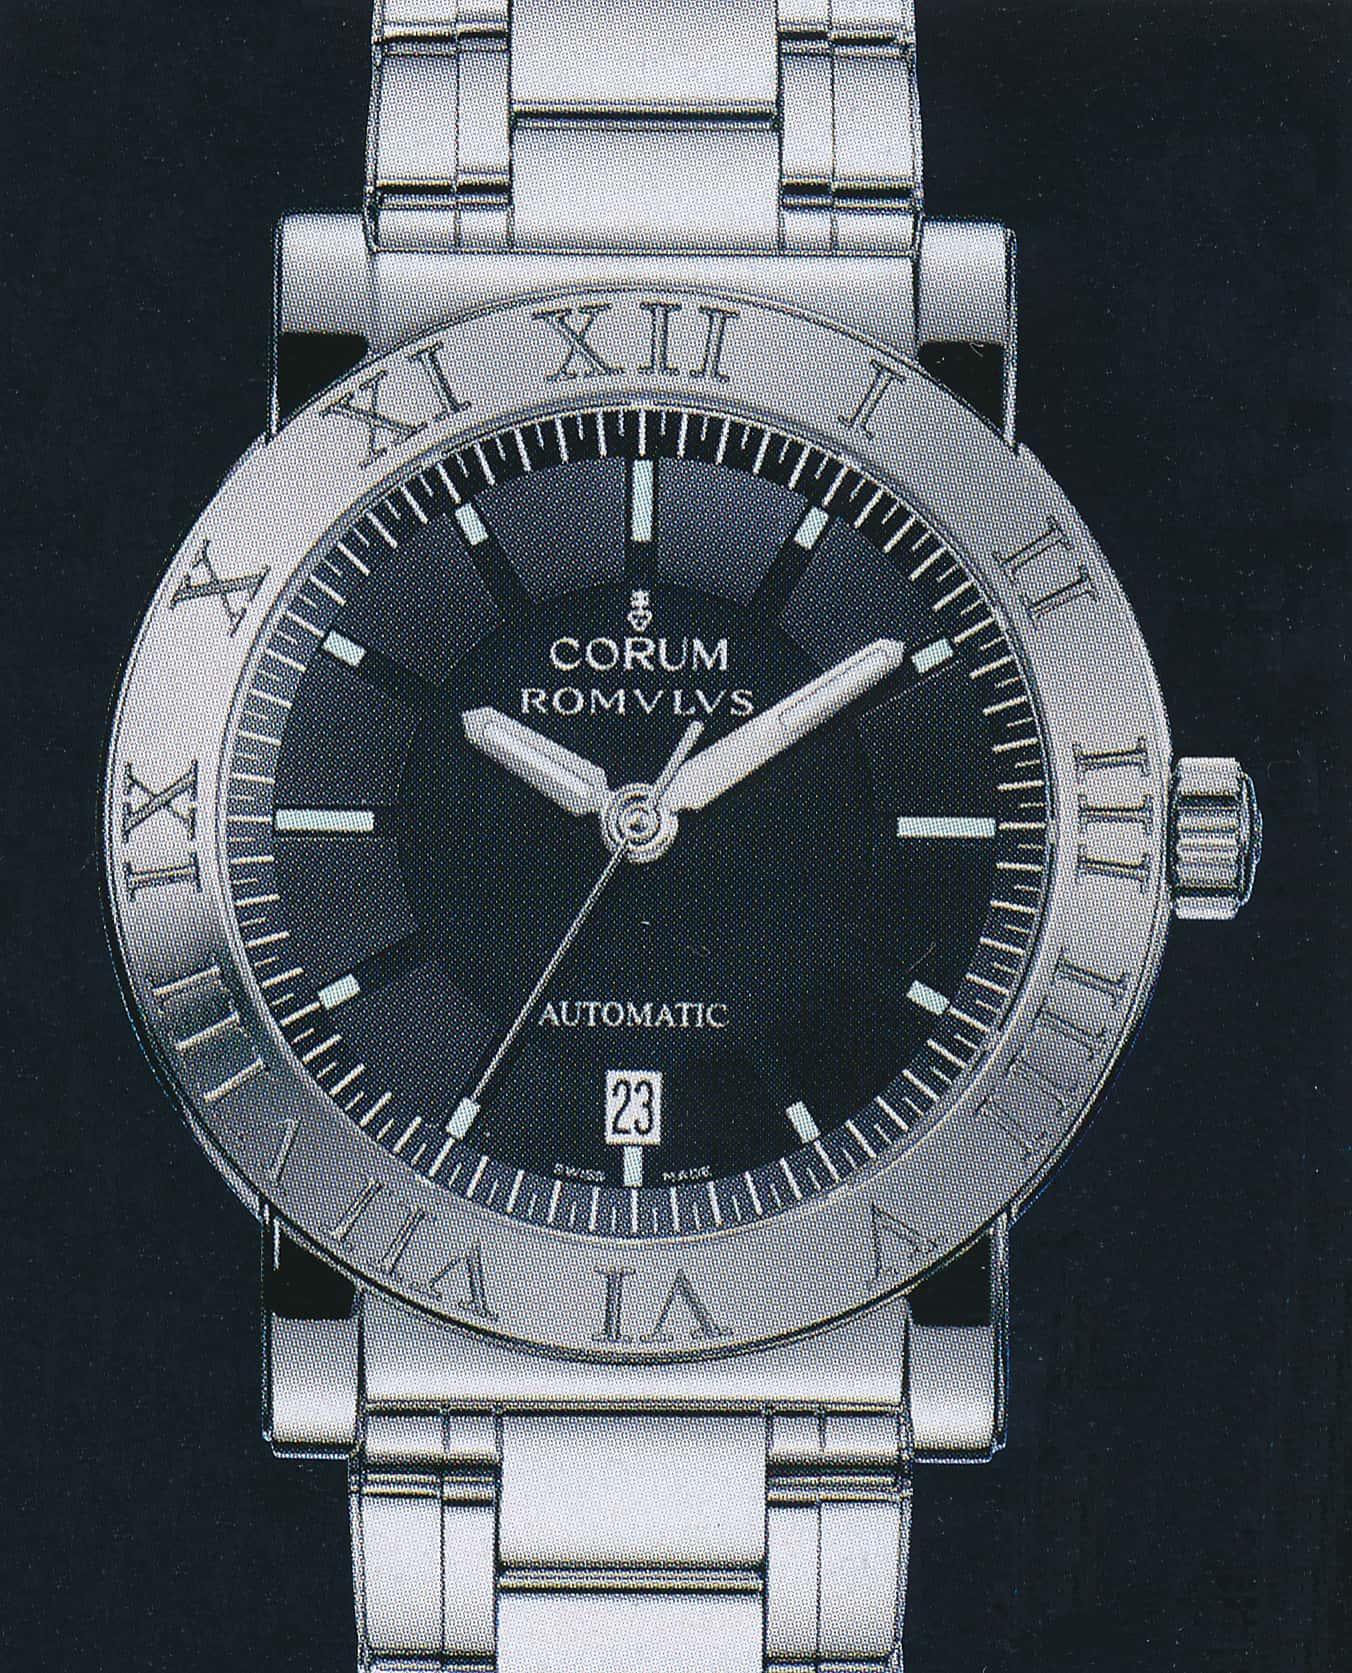 Corum Romulus, Ref. 82701.20, mit  Stahlgehäuse und -band sowie Eta 2892-A2 Kaliber kostete im Jahr 2003 offizielle 2.320 Euro